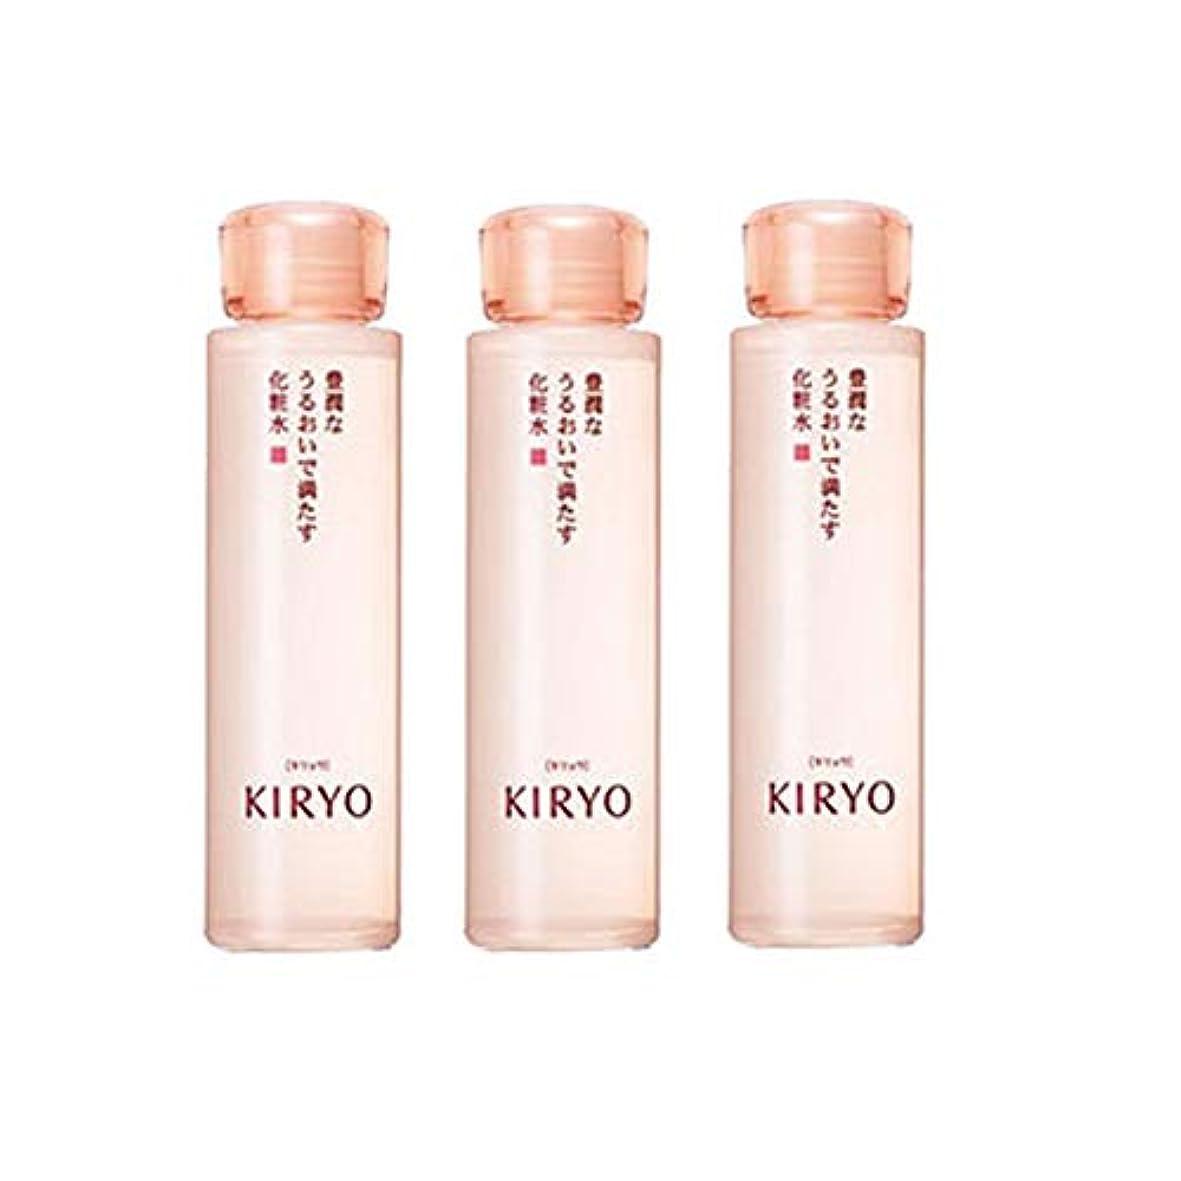 笑いスリム取り扱い【資生堂】KIRYO キリョウ ローション II (しっとり)150mL ×3個セット【International shipping available】